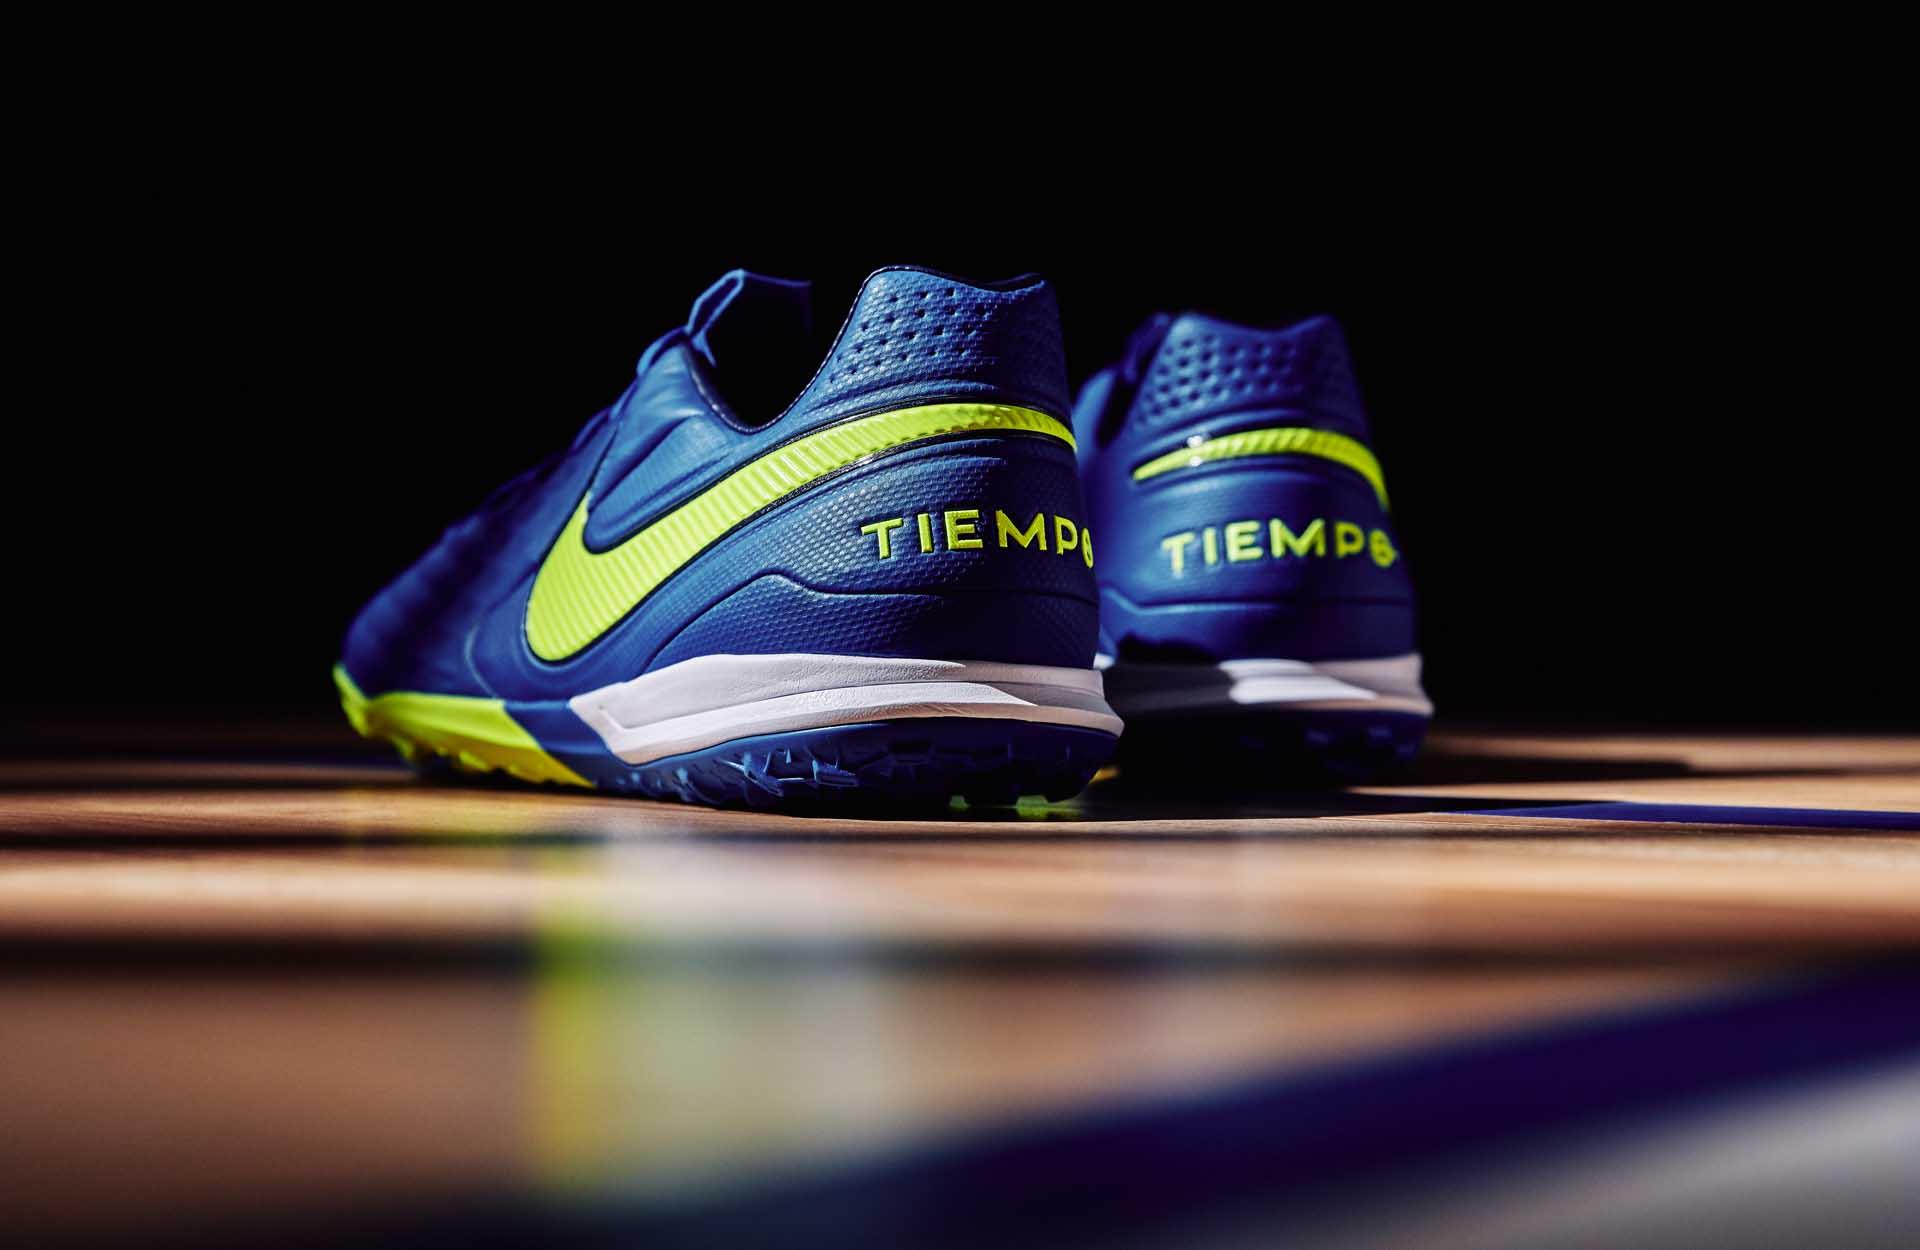 Giày sân cỏ nhân tạo Nike, Adidas chất lượng nhất tại Hà Nội